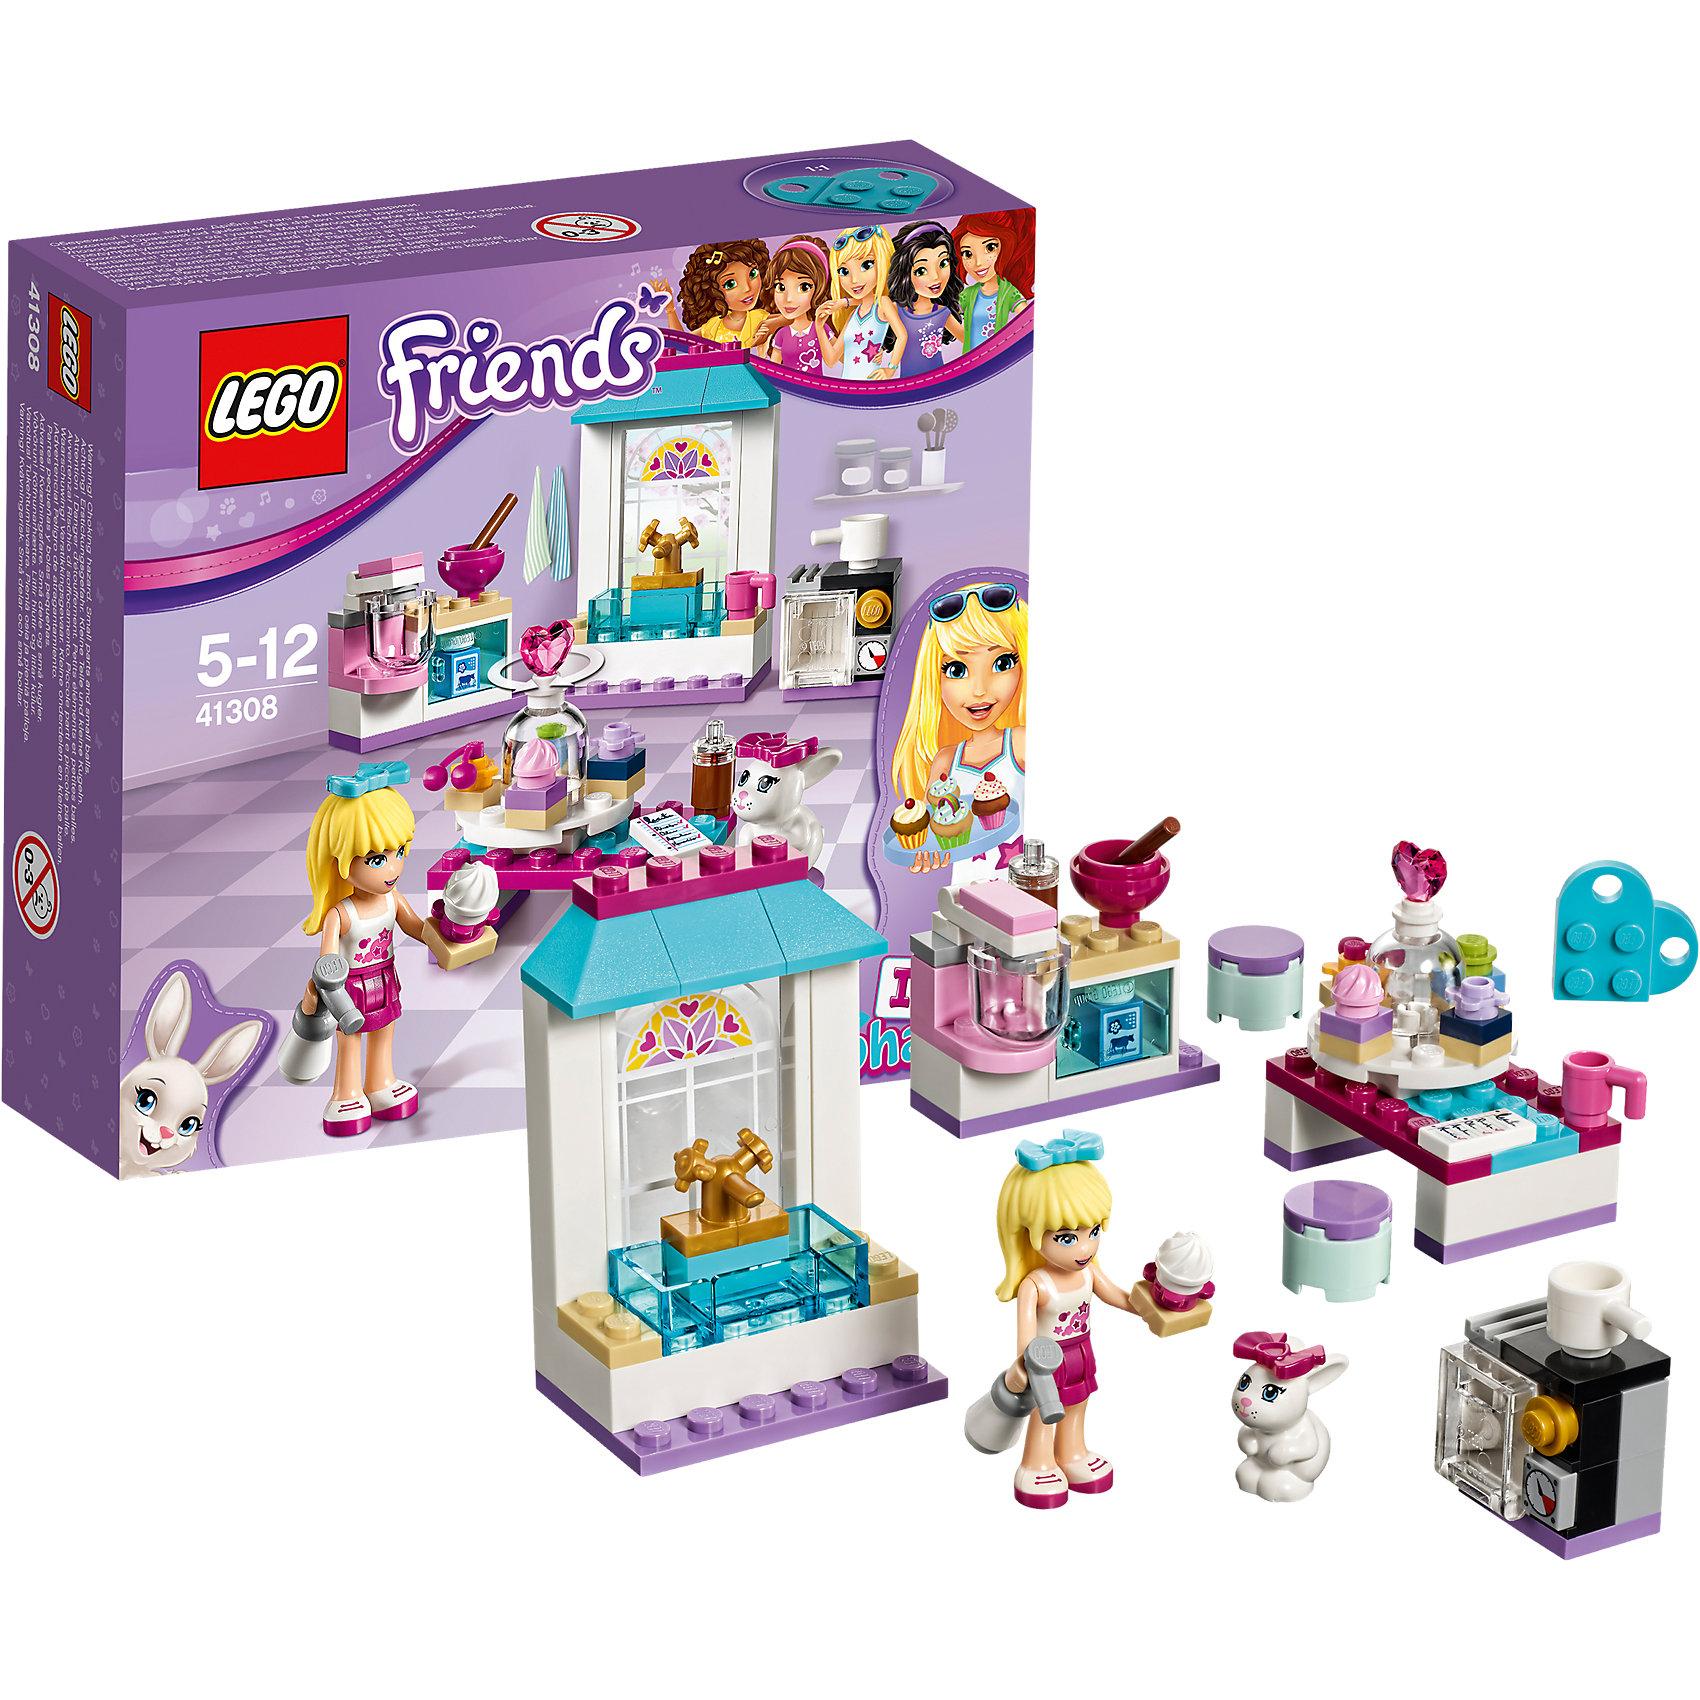 LEGO Friends 41308: Кондитерская СтефаниLEGO Friends 41308: Кондитерская Стефани<br><br>Характеристики:<br><br>- в набор входит: детали кухни, фигурка Стефани, кролик, аксессуары, красочная инструкция<br>- состав: пластик<br>- количество деталей: 94<br>- размер раковины: 7 * 3 * 4 см.<br>- размер стола с пирожными: 5 * 3 * 4 см.<br>- для детей в возрасте: от 5 до 12 лет<br>- Страна производитель: Дания/Китай/Чехия<br><br>Легендарный конструктор LEGO (ЛЕГО) представляет серию «Friends» (Друзья) в которую входят наборы конструкторов интересных не только в строительстве, но и в игре. <br><br>Серия разработана с учетом различных повседневных ситуаций и мест. Стефани просто обожает кулинарию и у нее отлично получается выпечка. Она открыла свою маленькую пекарню и наслаждается процессом изготовления вкусных пирожных. Красивая раковина позволяет ей держать посуду в чистоте, современный миксер отлично взбивает крем, а надежная открывающаяся духовка с плитой выпекает отличные пирожные. Баллончик с заварным кремом позволяет Стефани очень красиво украшать свою выпечку. Она выставляет ее на вращающемся стенде. Кролик Дейзи помогает хозяйке во всем. В наборе два стульчика, две чашки и деталь-рецепт. <br><br>Фигурка Стефани отлично проработана, ее рельефные волосы уложены в красивую прическу и она носит голубой бант. Ее наряд отлично подходит для хозяйки пекарни – белый топ и лиловая однотонная юбка. Фигурка может двигать головой, руками, торсом и принимать сидячее положение. Фигурка кролика надежно вставляется в детали лего, а благодаря специальному отверстию можно надевать и снимать бантик или другие аксессуары. В набор входит голубая деталь-кулончик серии LEGO «Friends». <br><br>Играя с конструктором ребенок развивает моторику рук, воображение и логическое мышление, научится собирать по инструкции и создавать свои модели. Придумывайте новые истории любимых героев с набором LEGO «Friends»!<br><br>Конструктор LEGO Friends 41308: Кондитерская Стефани можно купить в нашем интернет